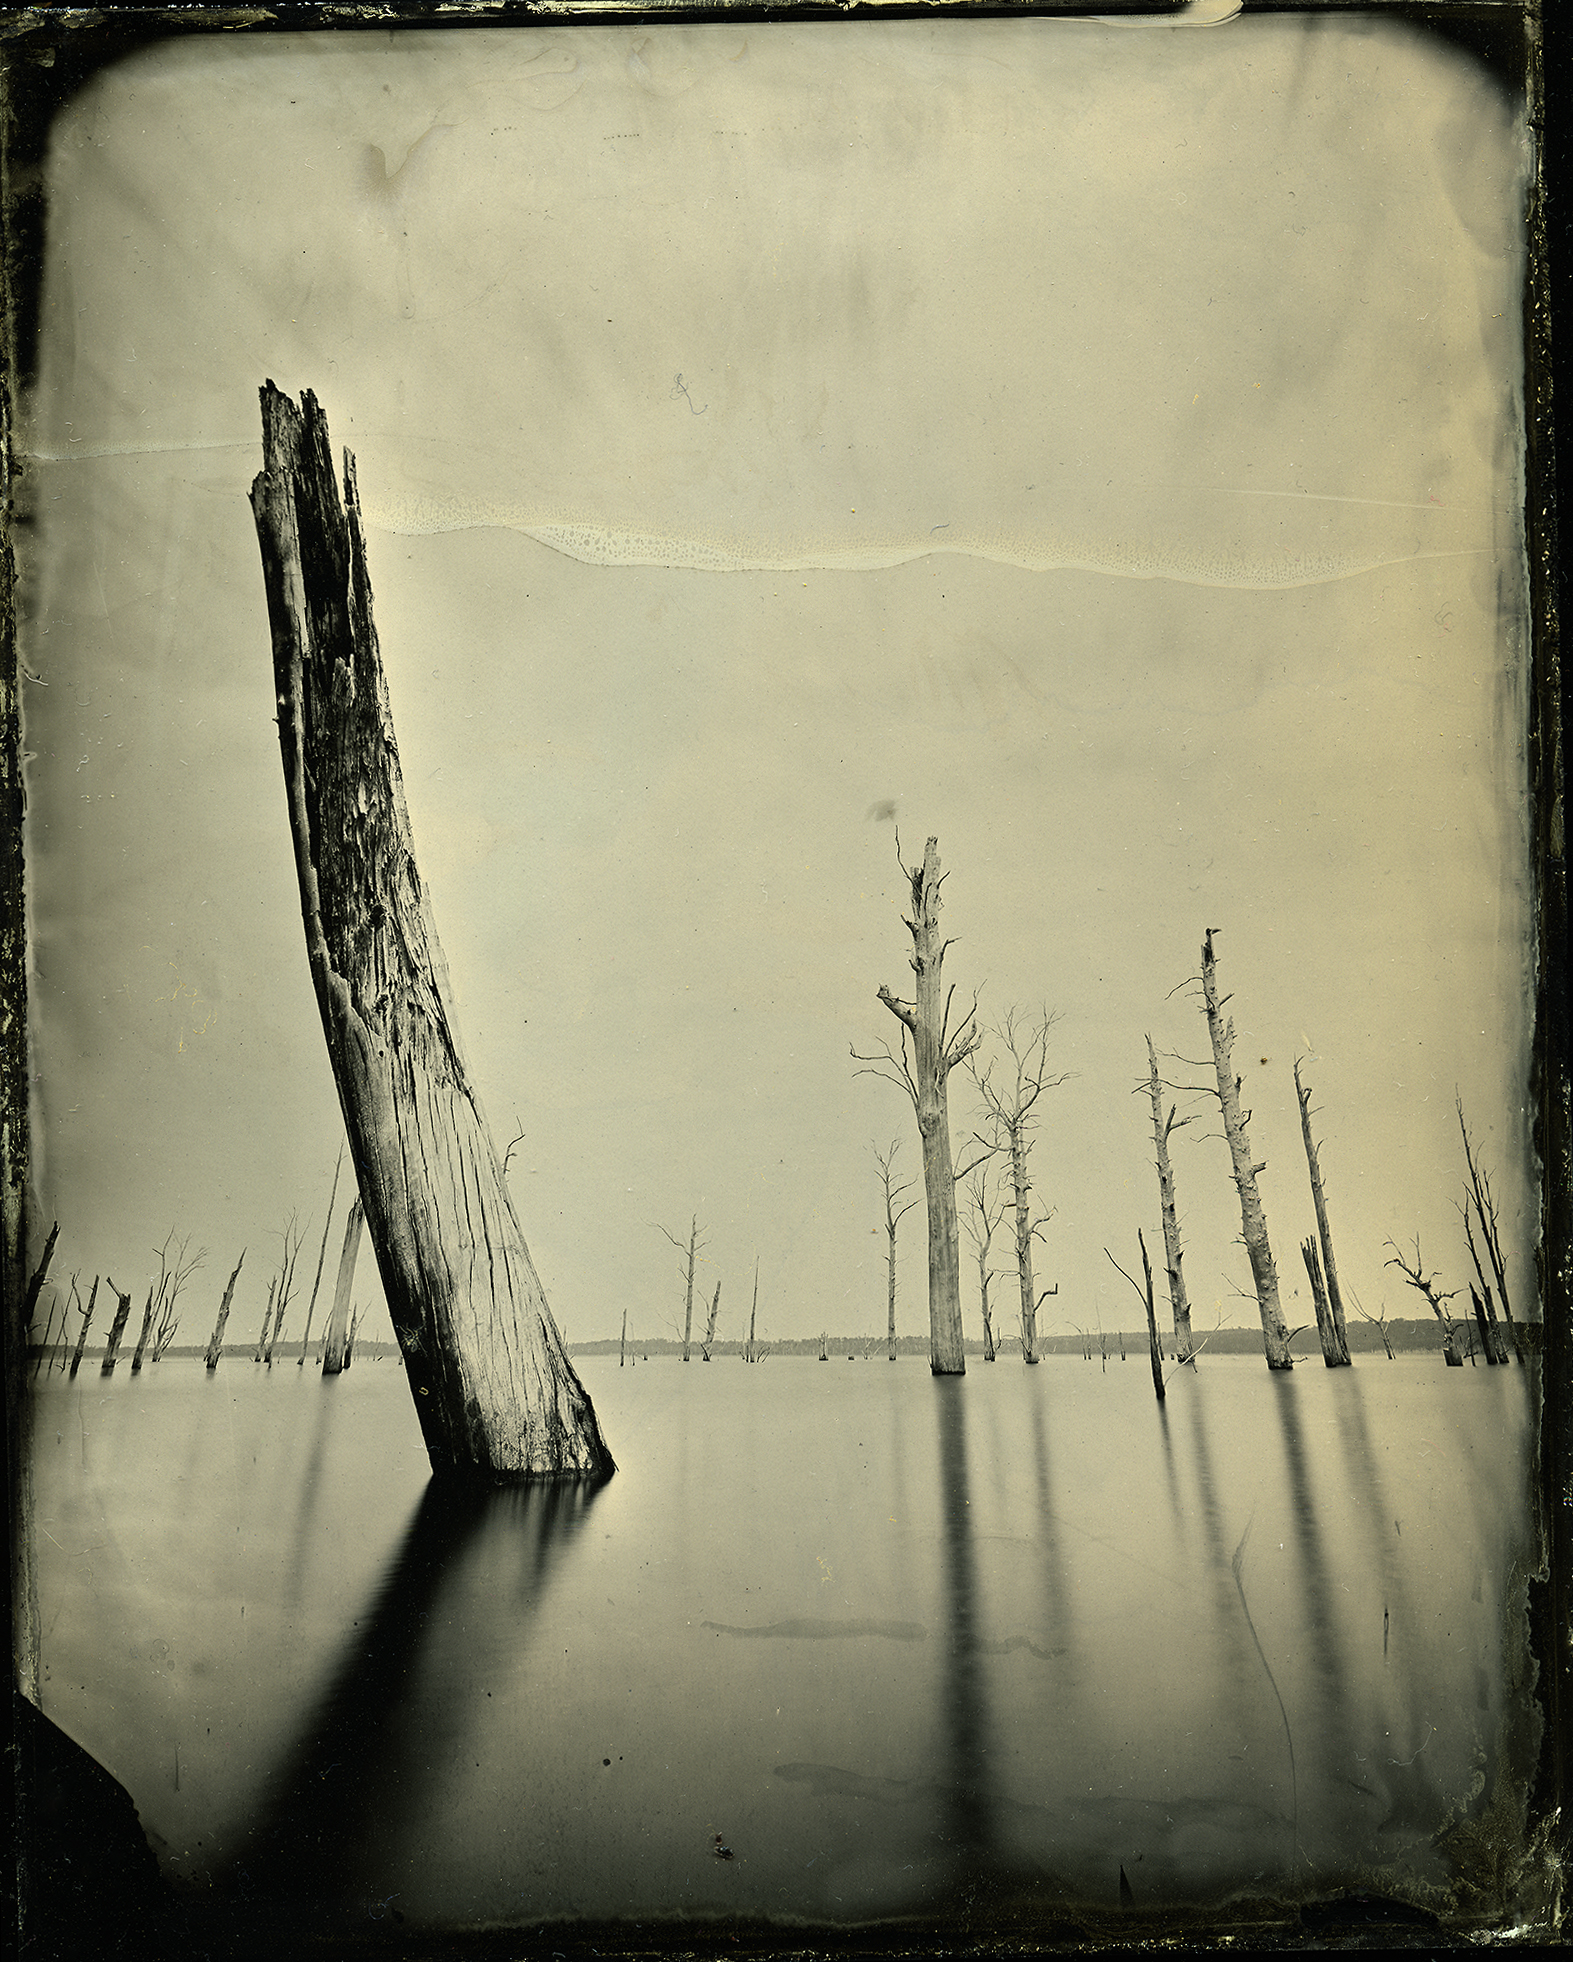 Lake Echo